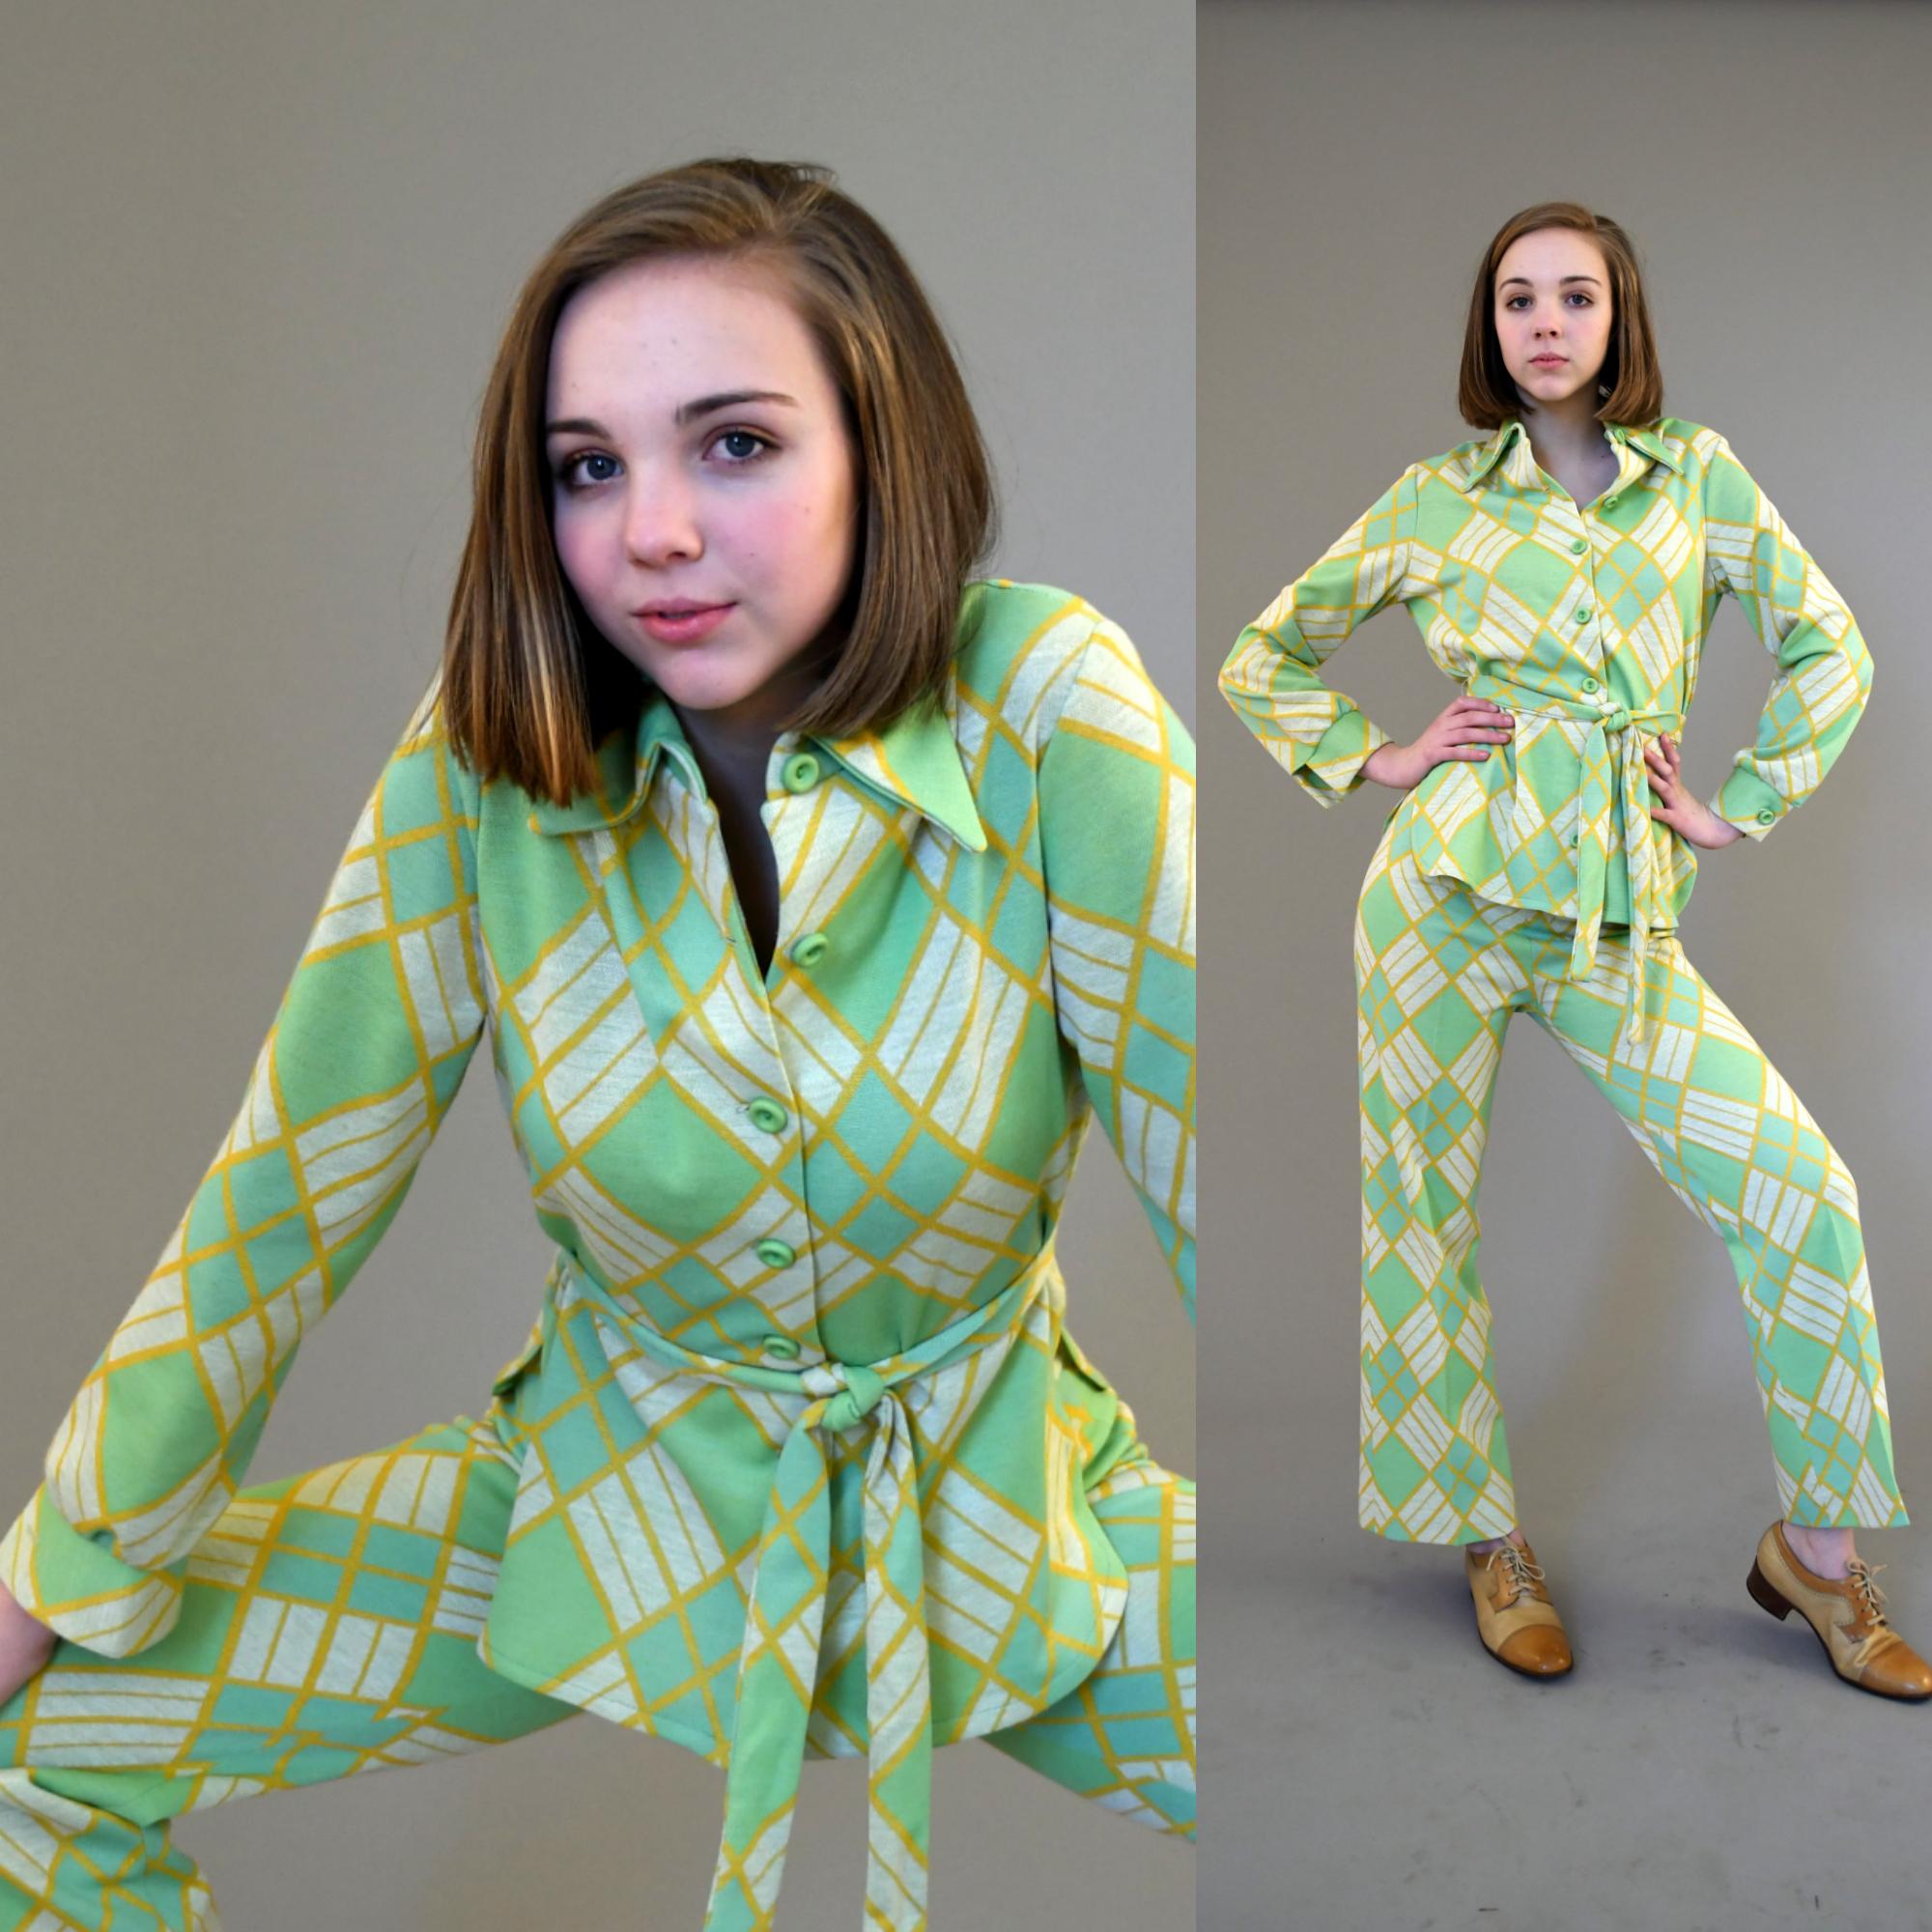 plaid suit fascinator.jpg